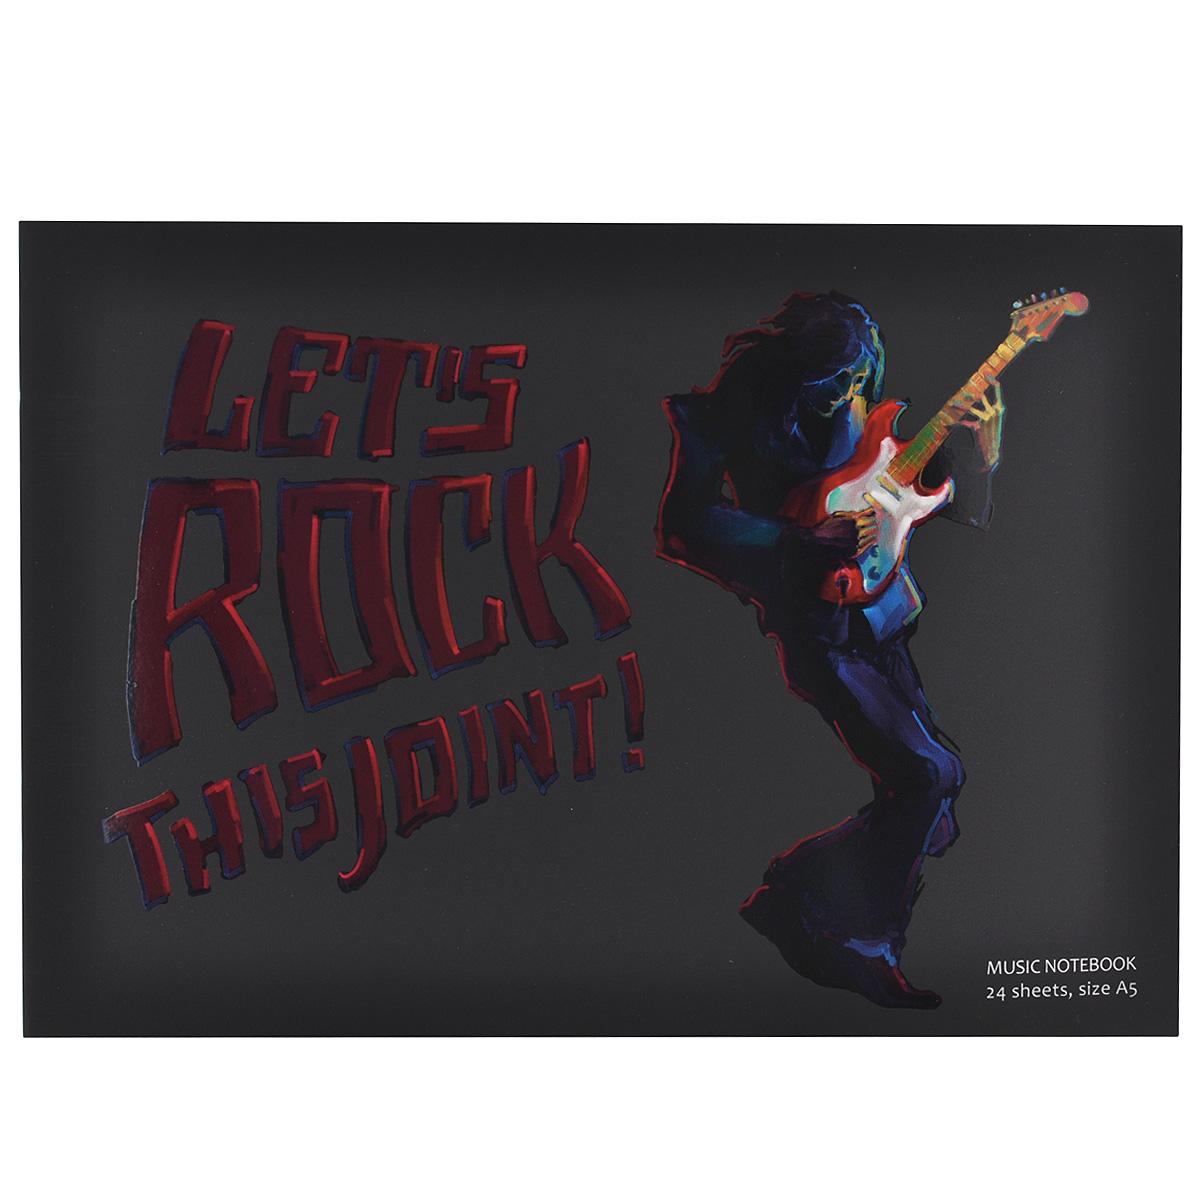 Тетрадь для нот Гитарист, 24 листа. Формат А5ЦБ010876Тетрадь для нот Гитарист - отличный помощник в обучении музыке. Обложка выполнена из картона черного цвета и оформлена изображением гитариста и надписью Lets Rock This Joint. Внутренний блок включает 24 листа с нотными станами.